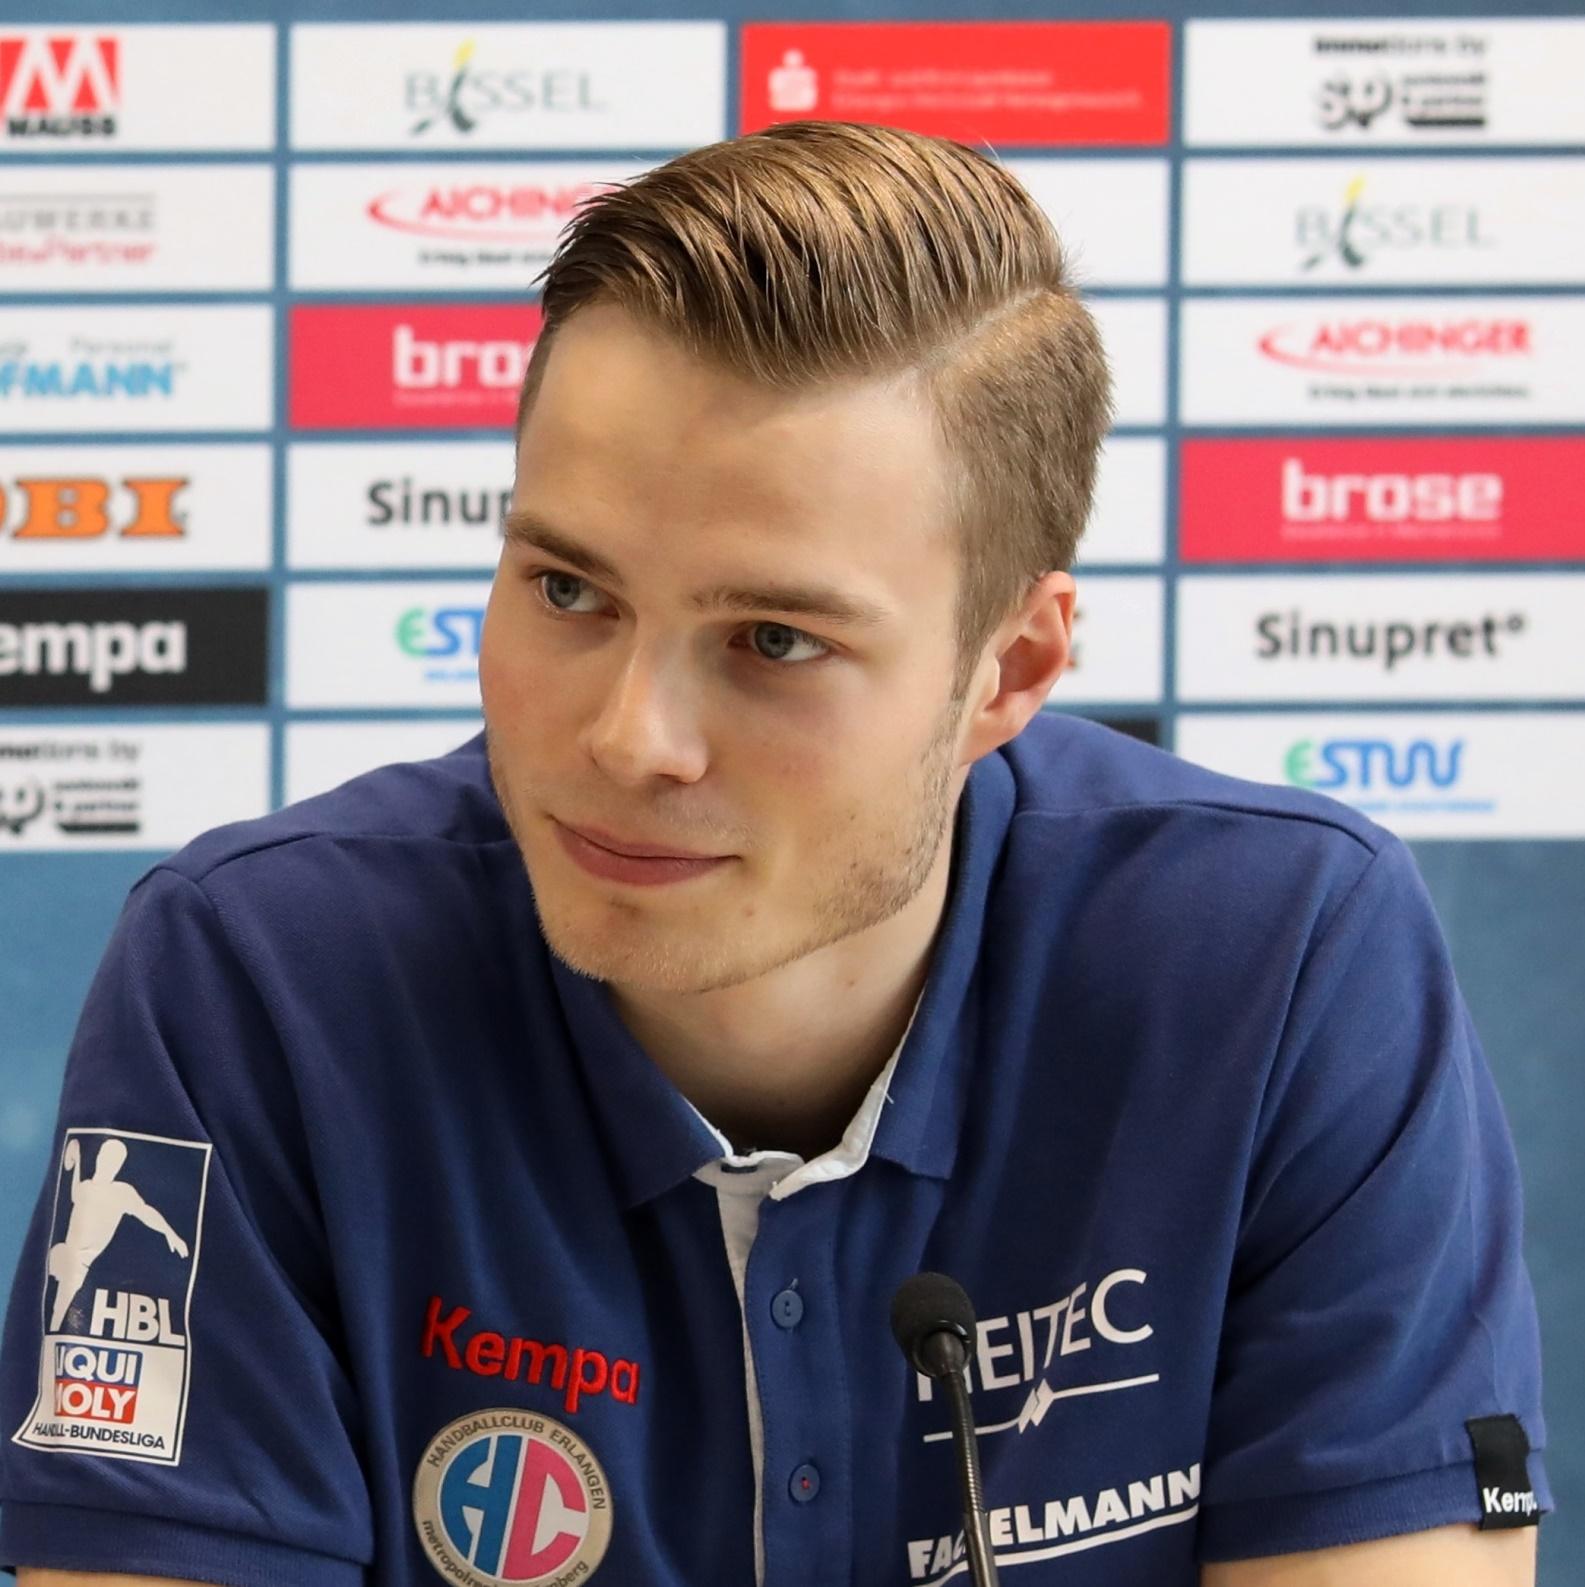 (Jocki_Foto, Erlangen): Wir werden uns für den Sieg zerreißen, so Christopher Bissel - HC Erlangen